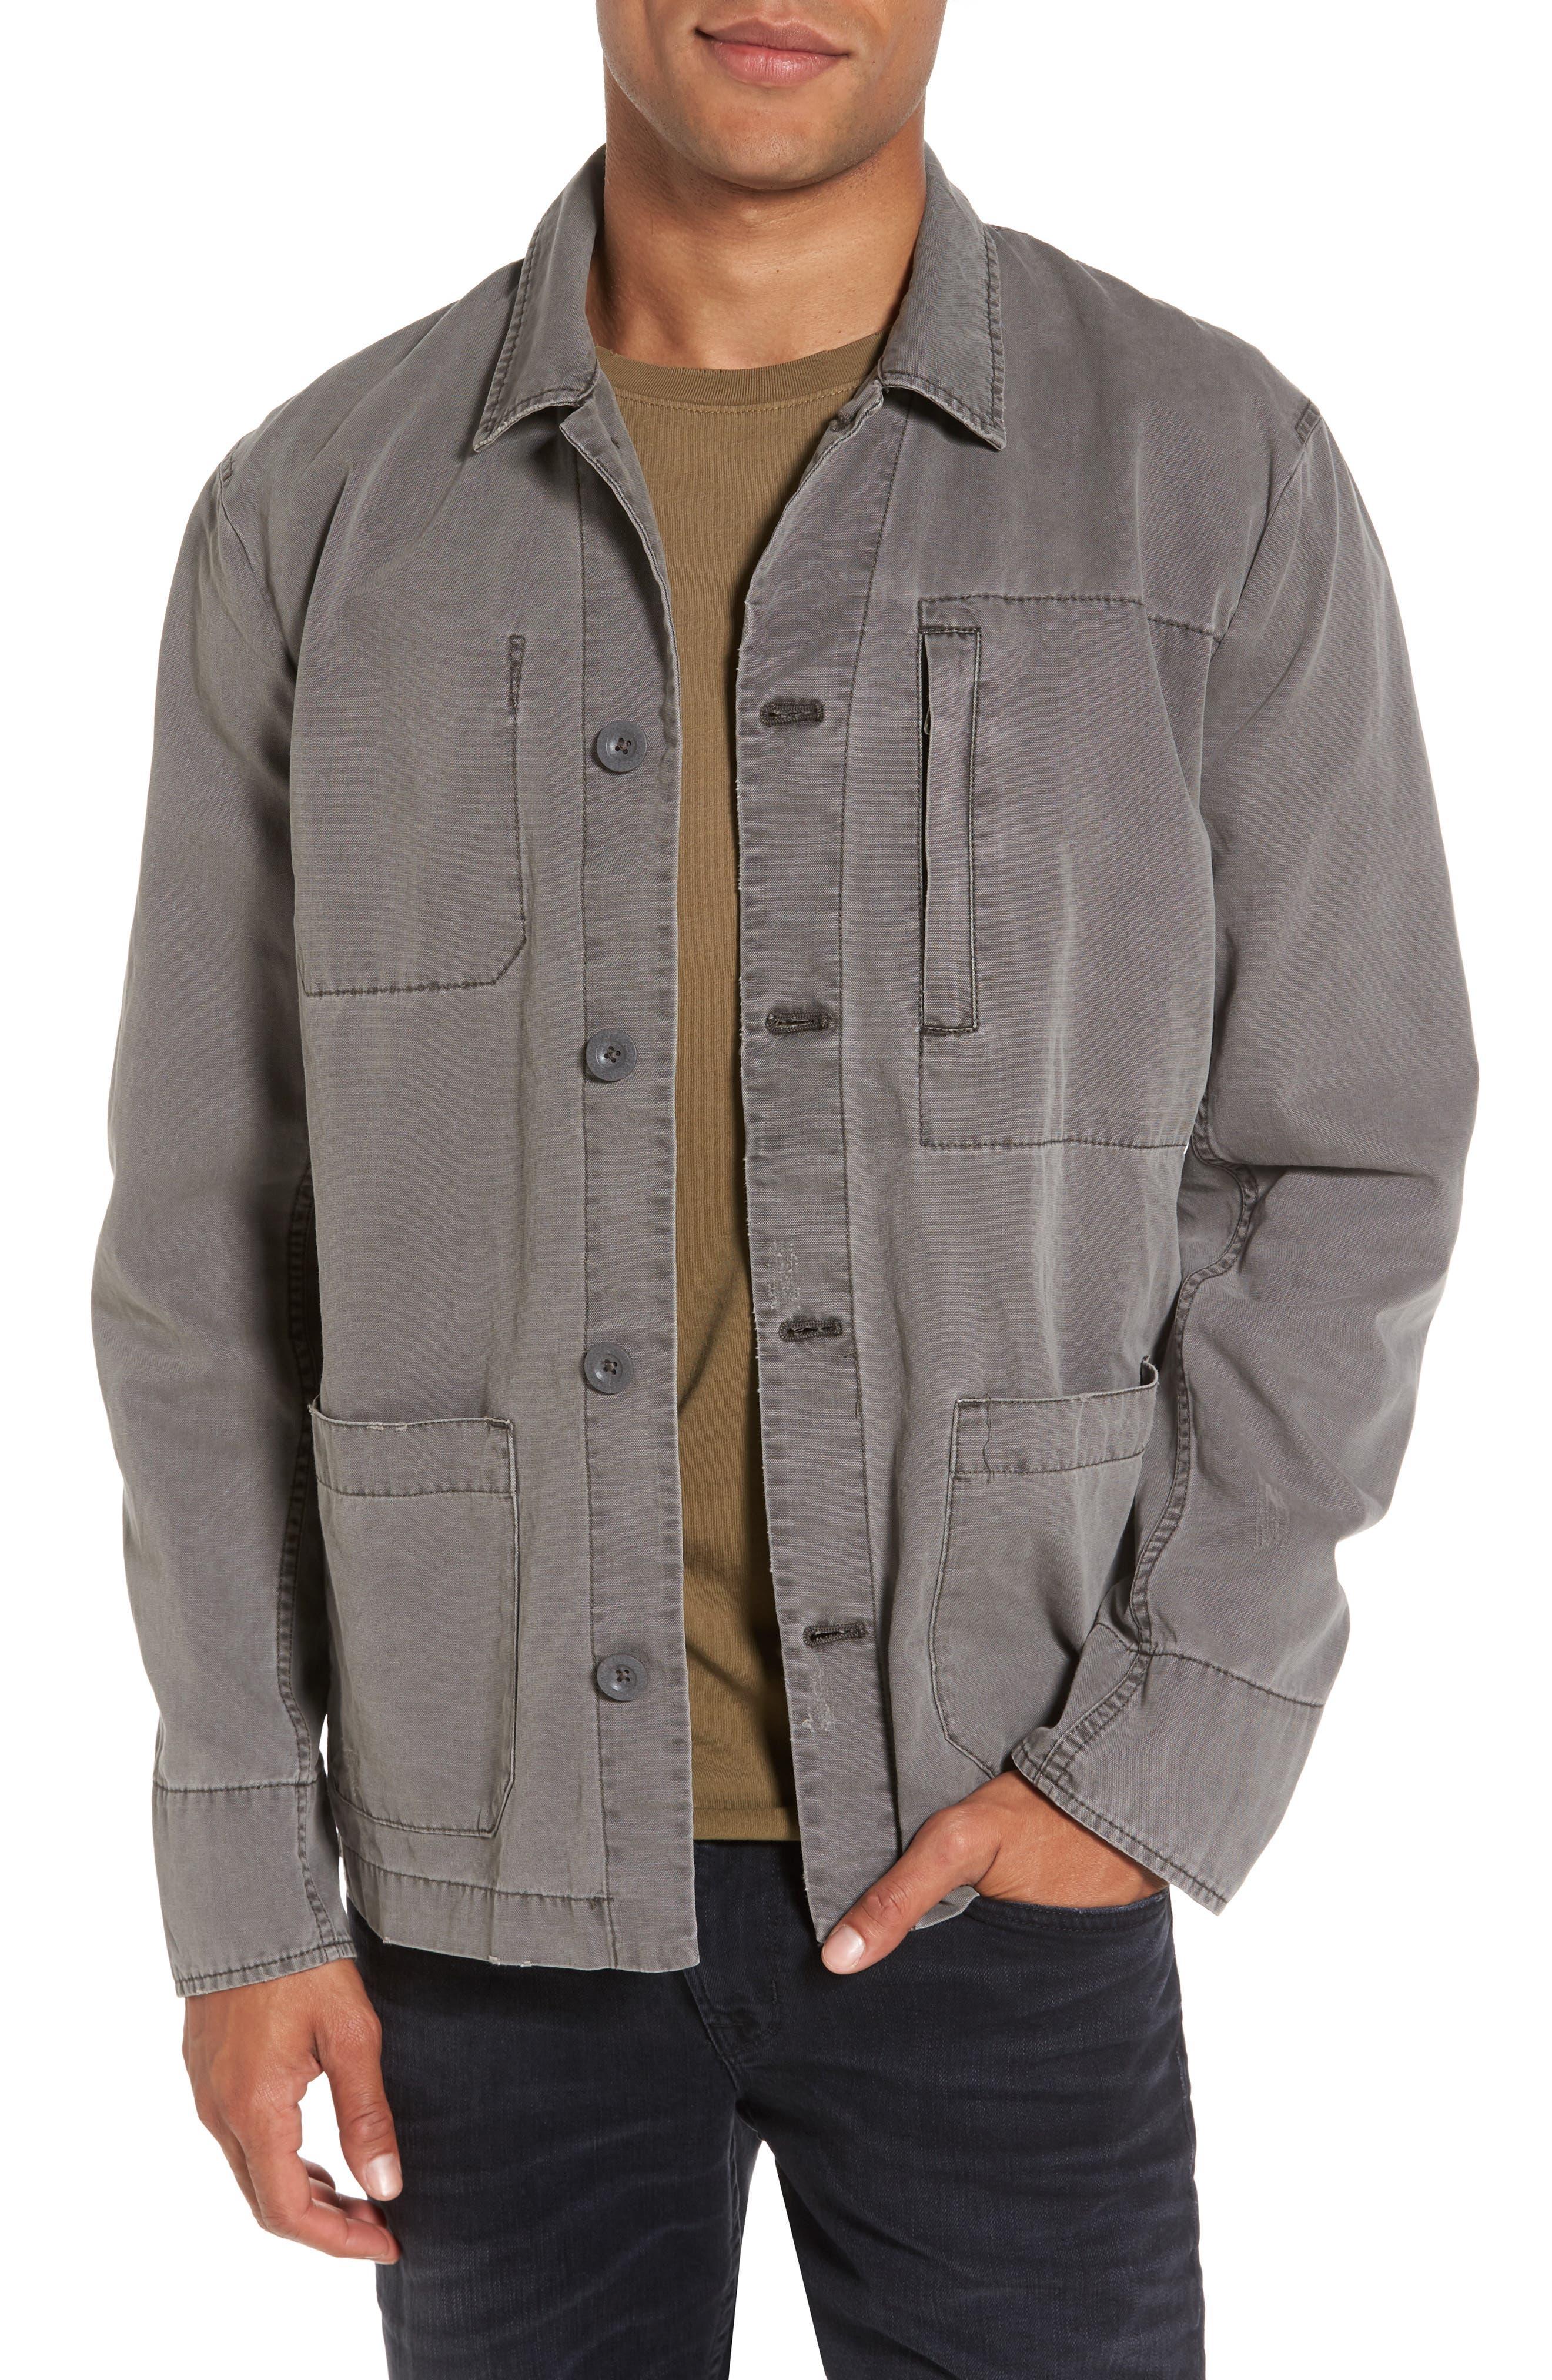 AG Marlon Canvas Shirt Jacket